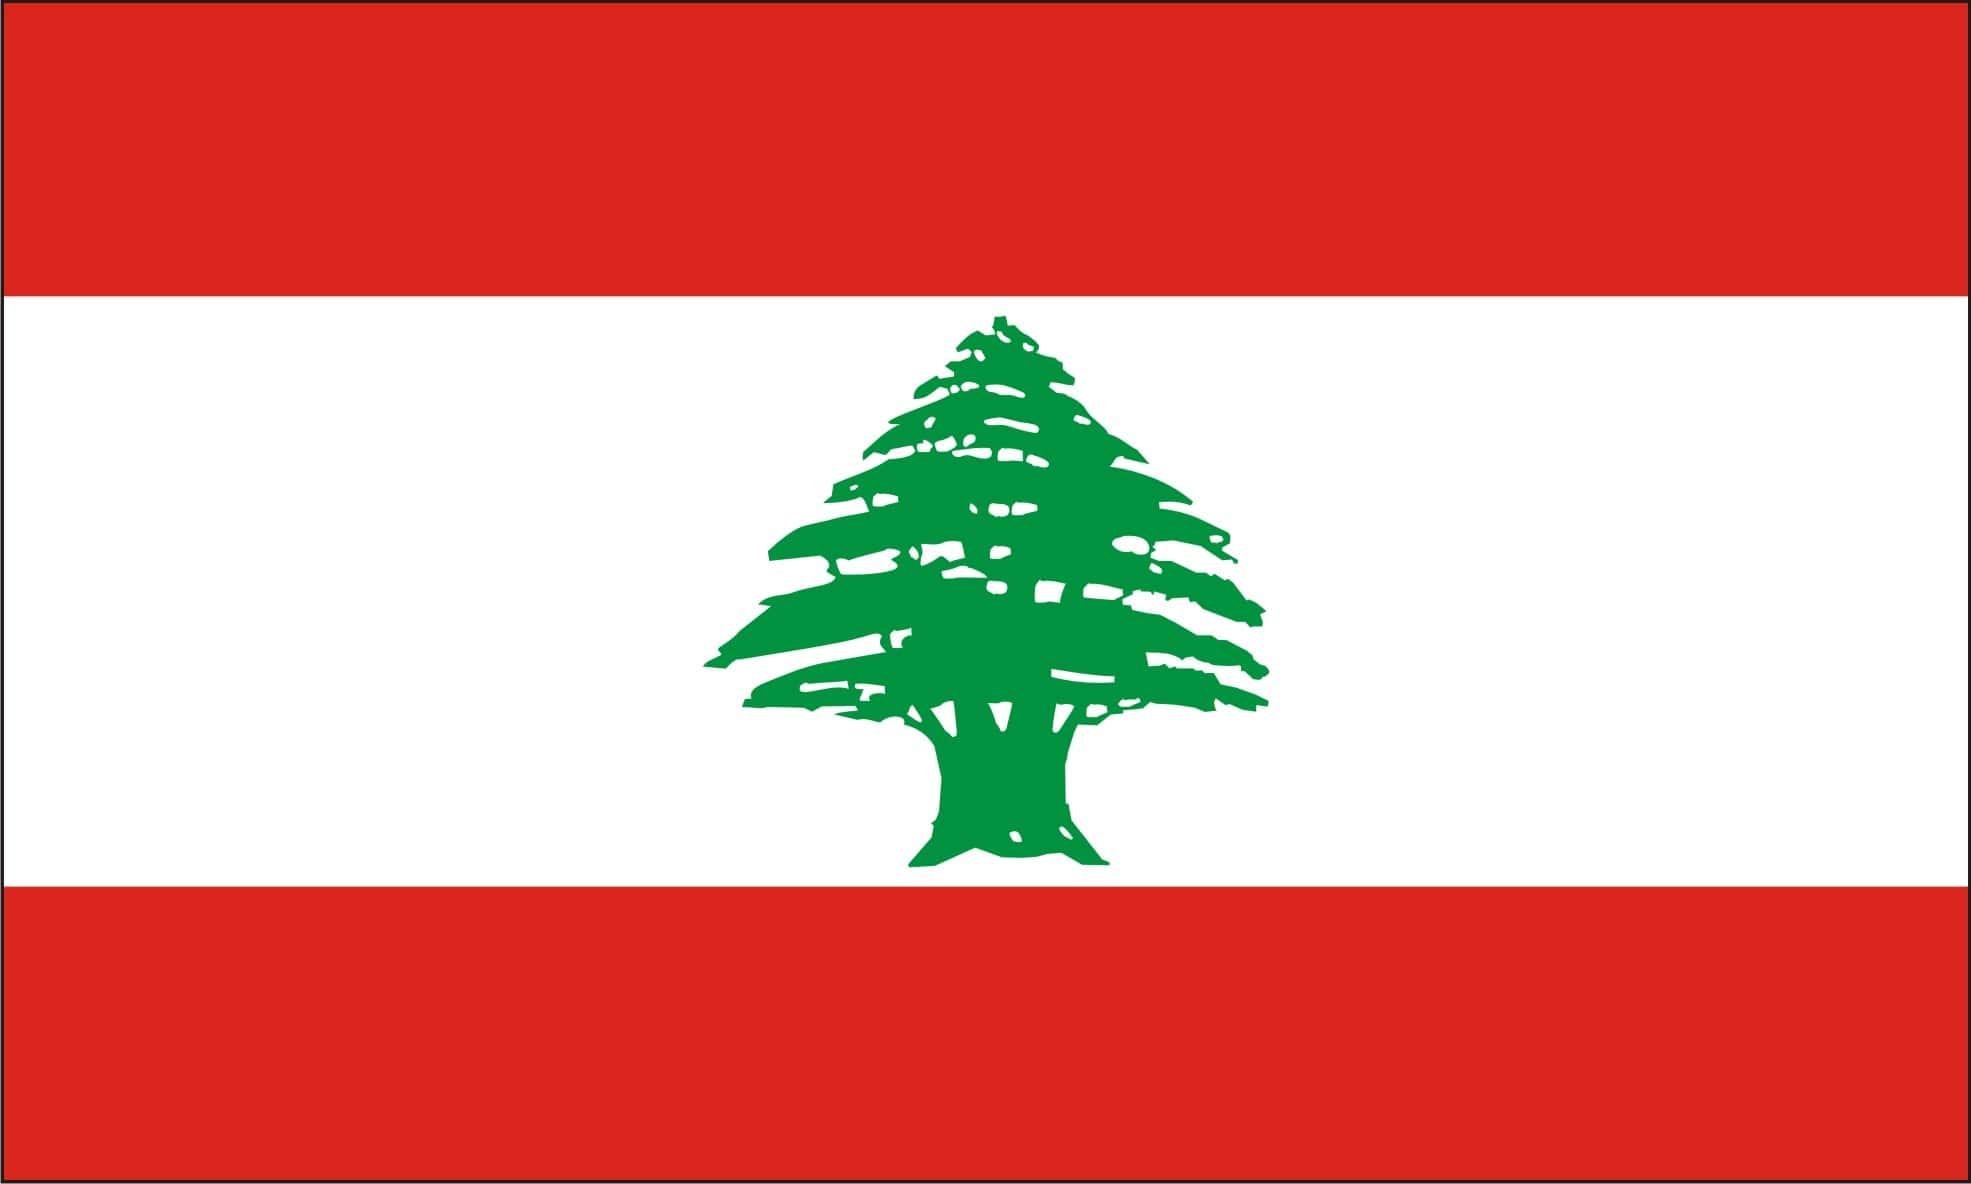 لبنان lebanon